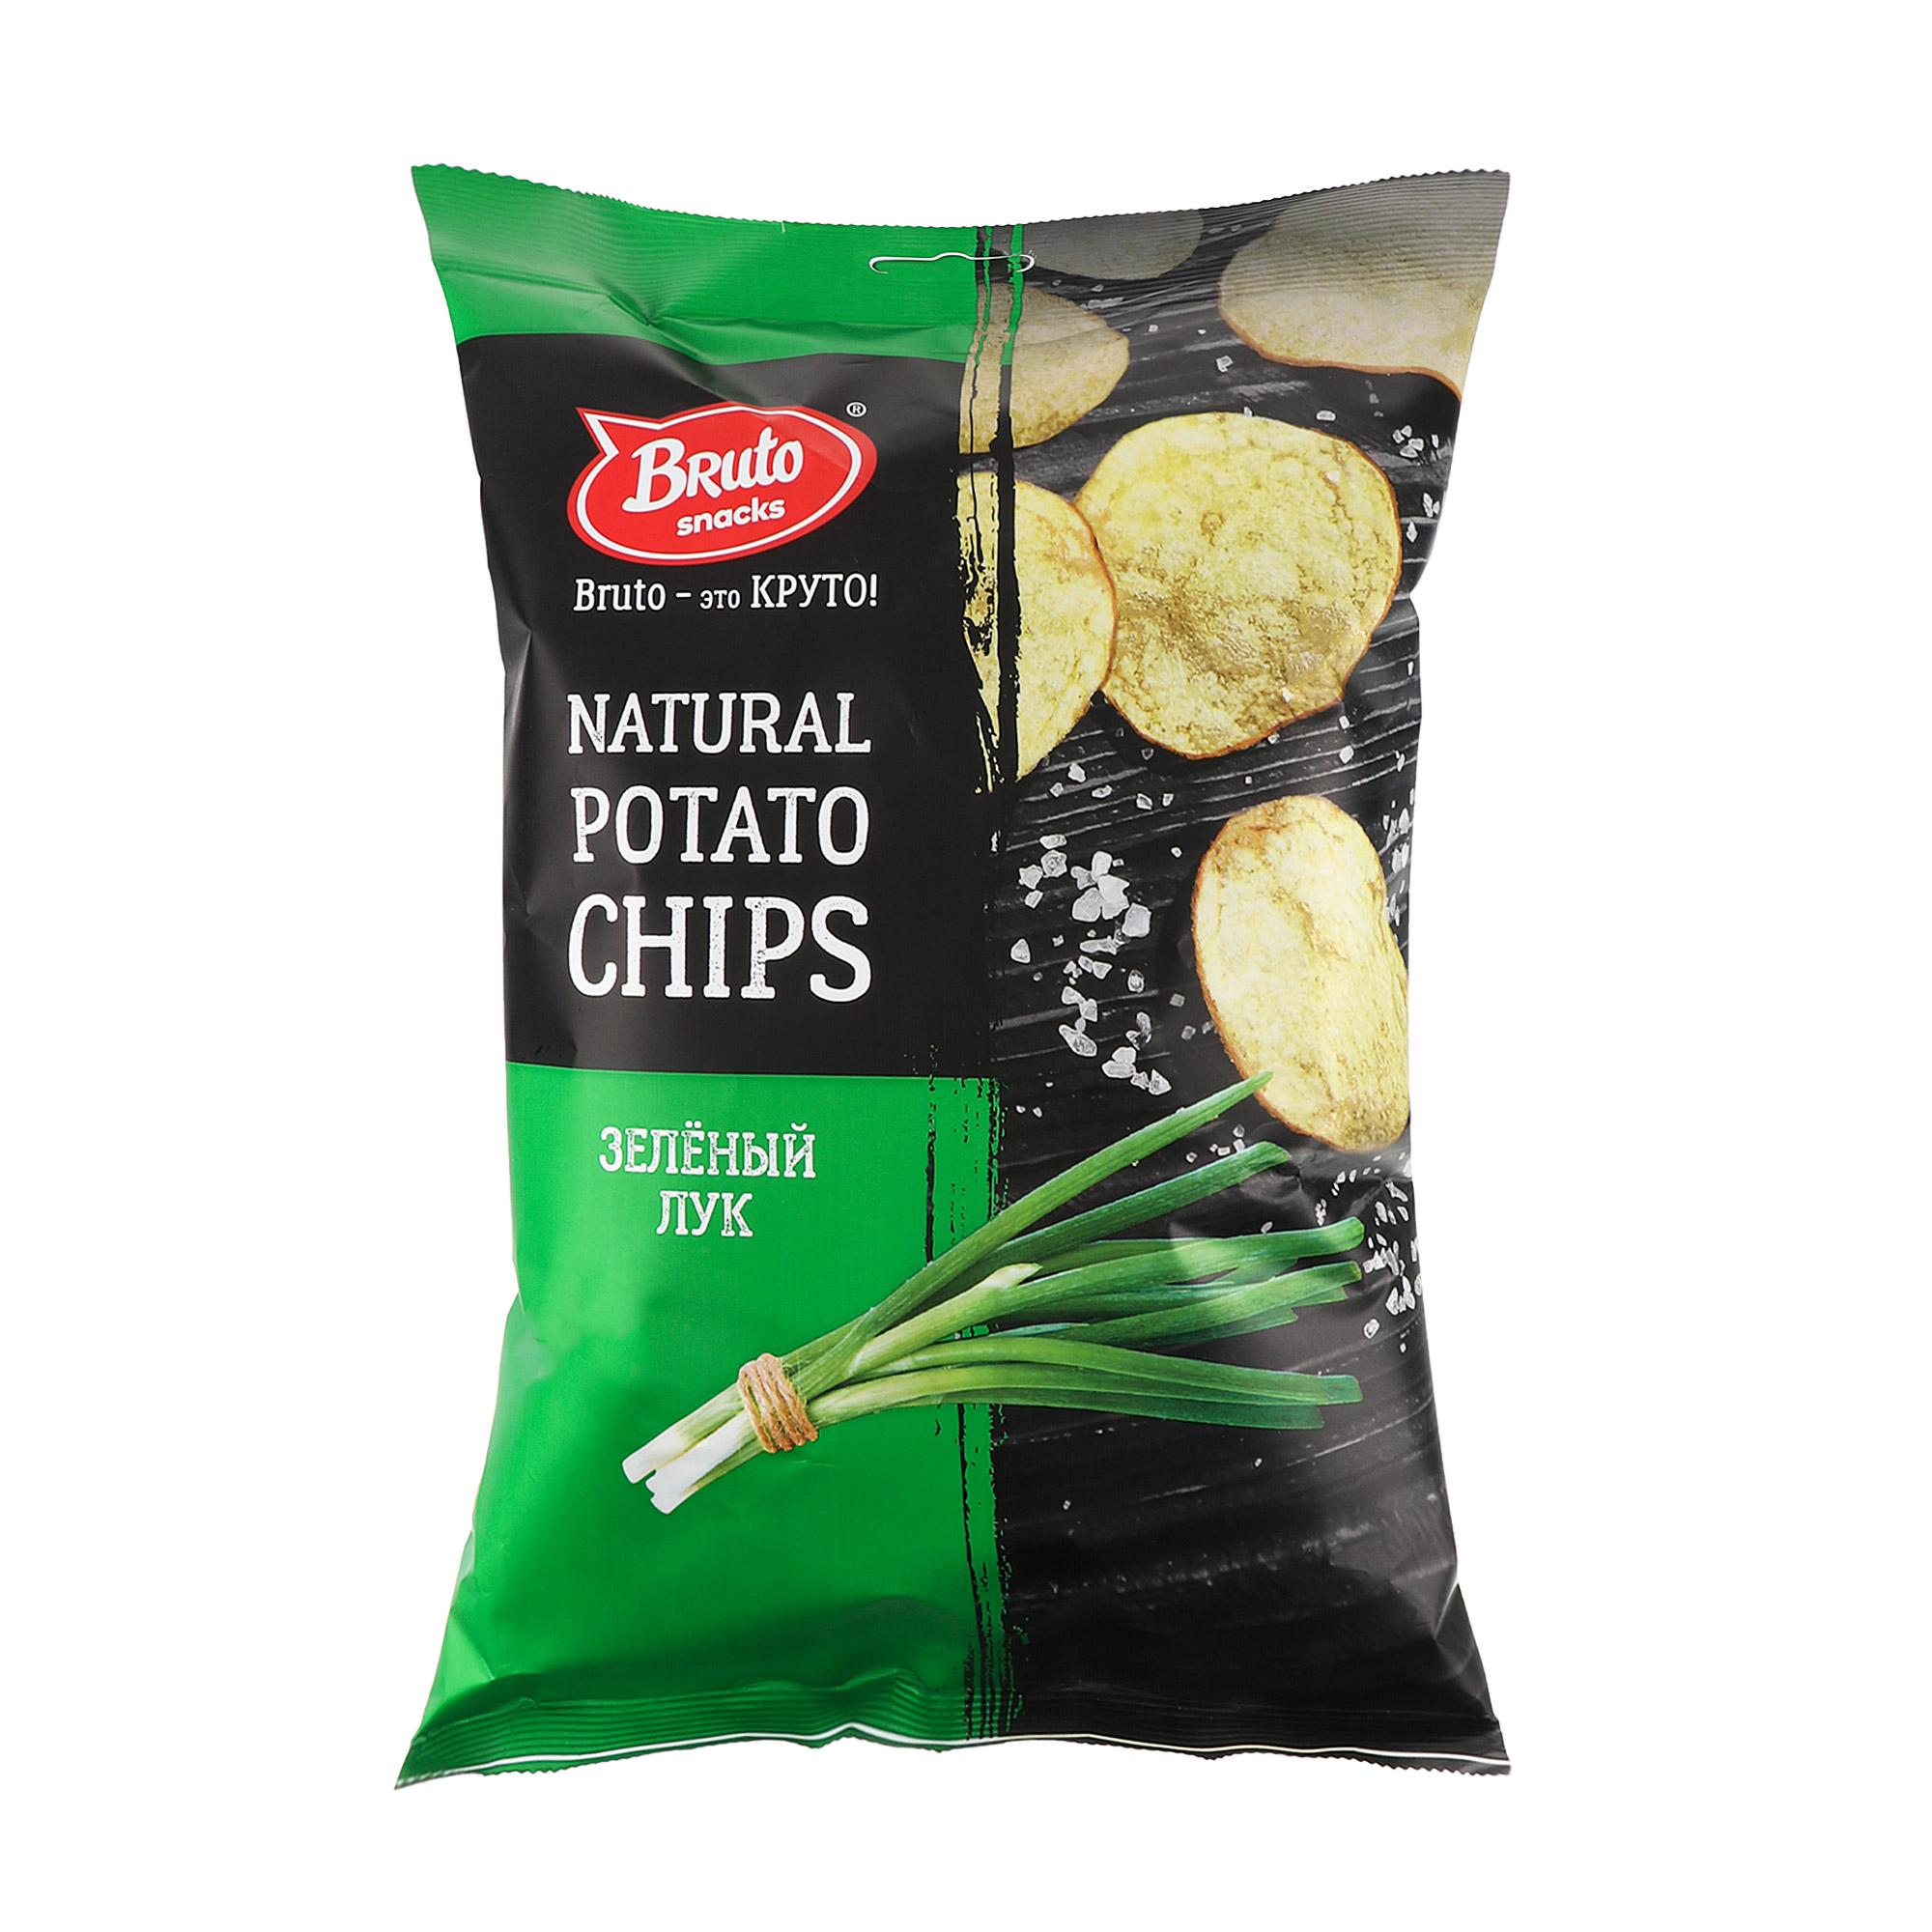 Чипсы картофельные Bruto зеленый лук 150 г недорого